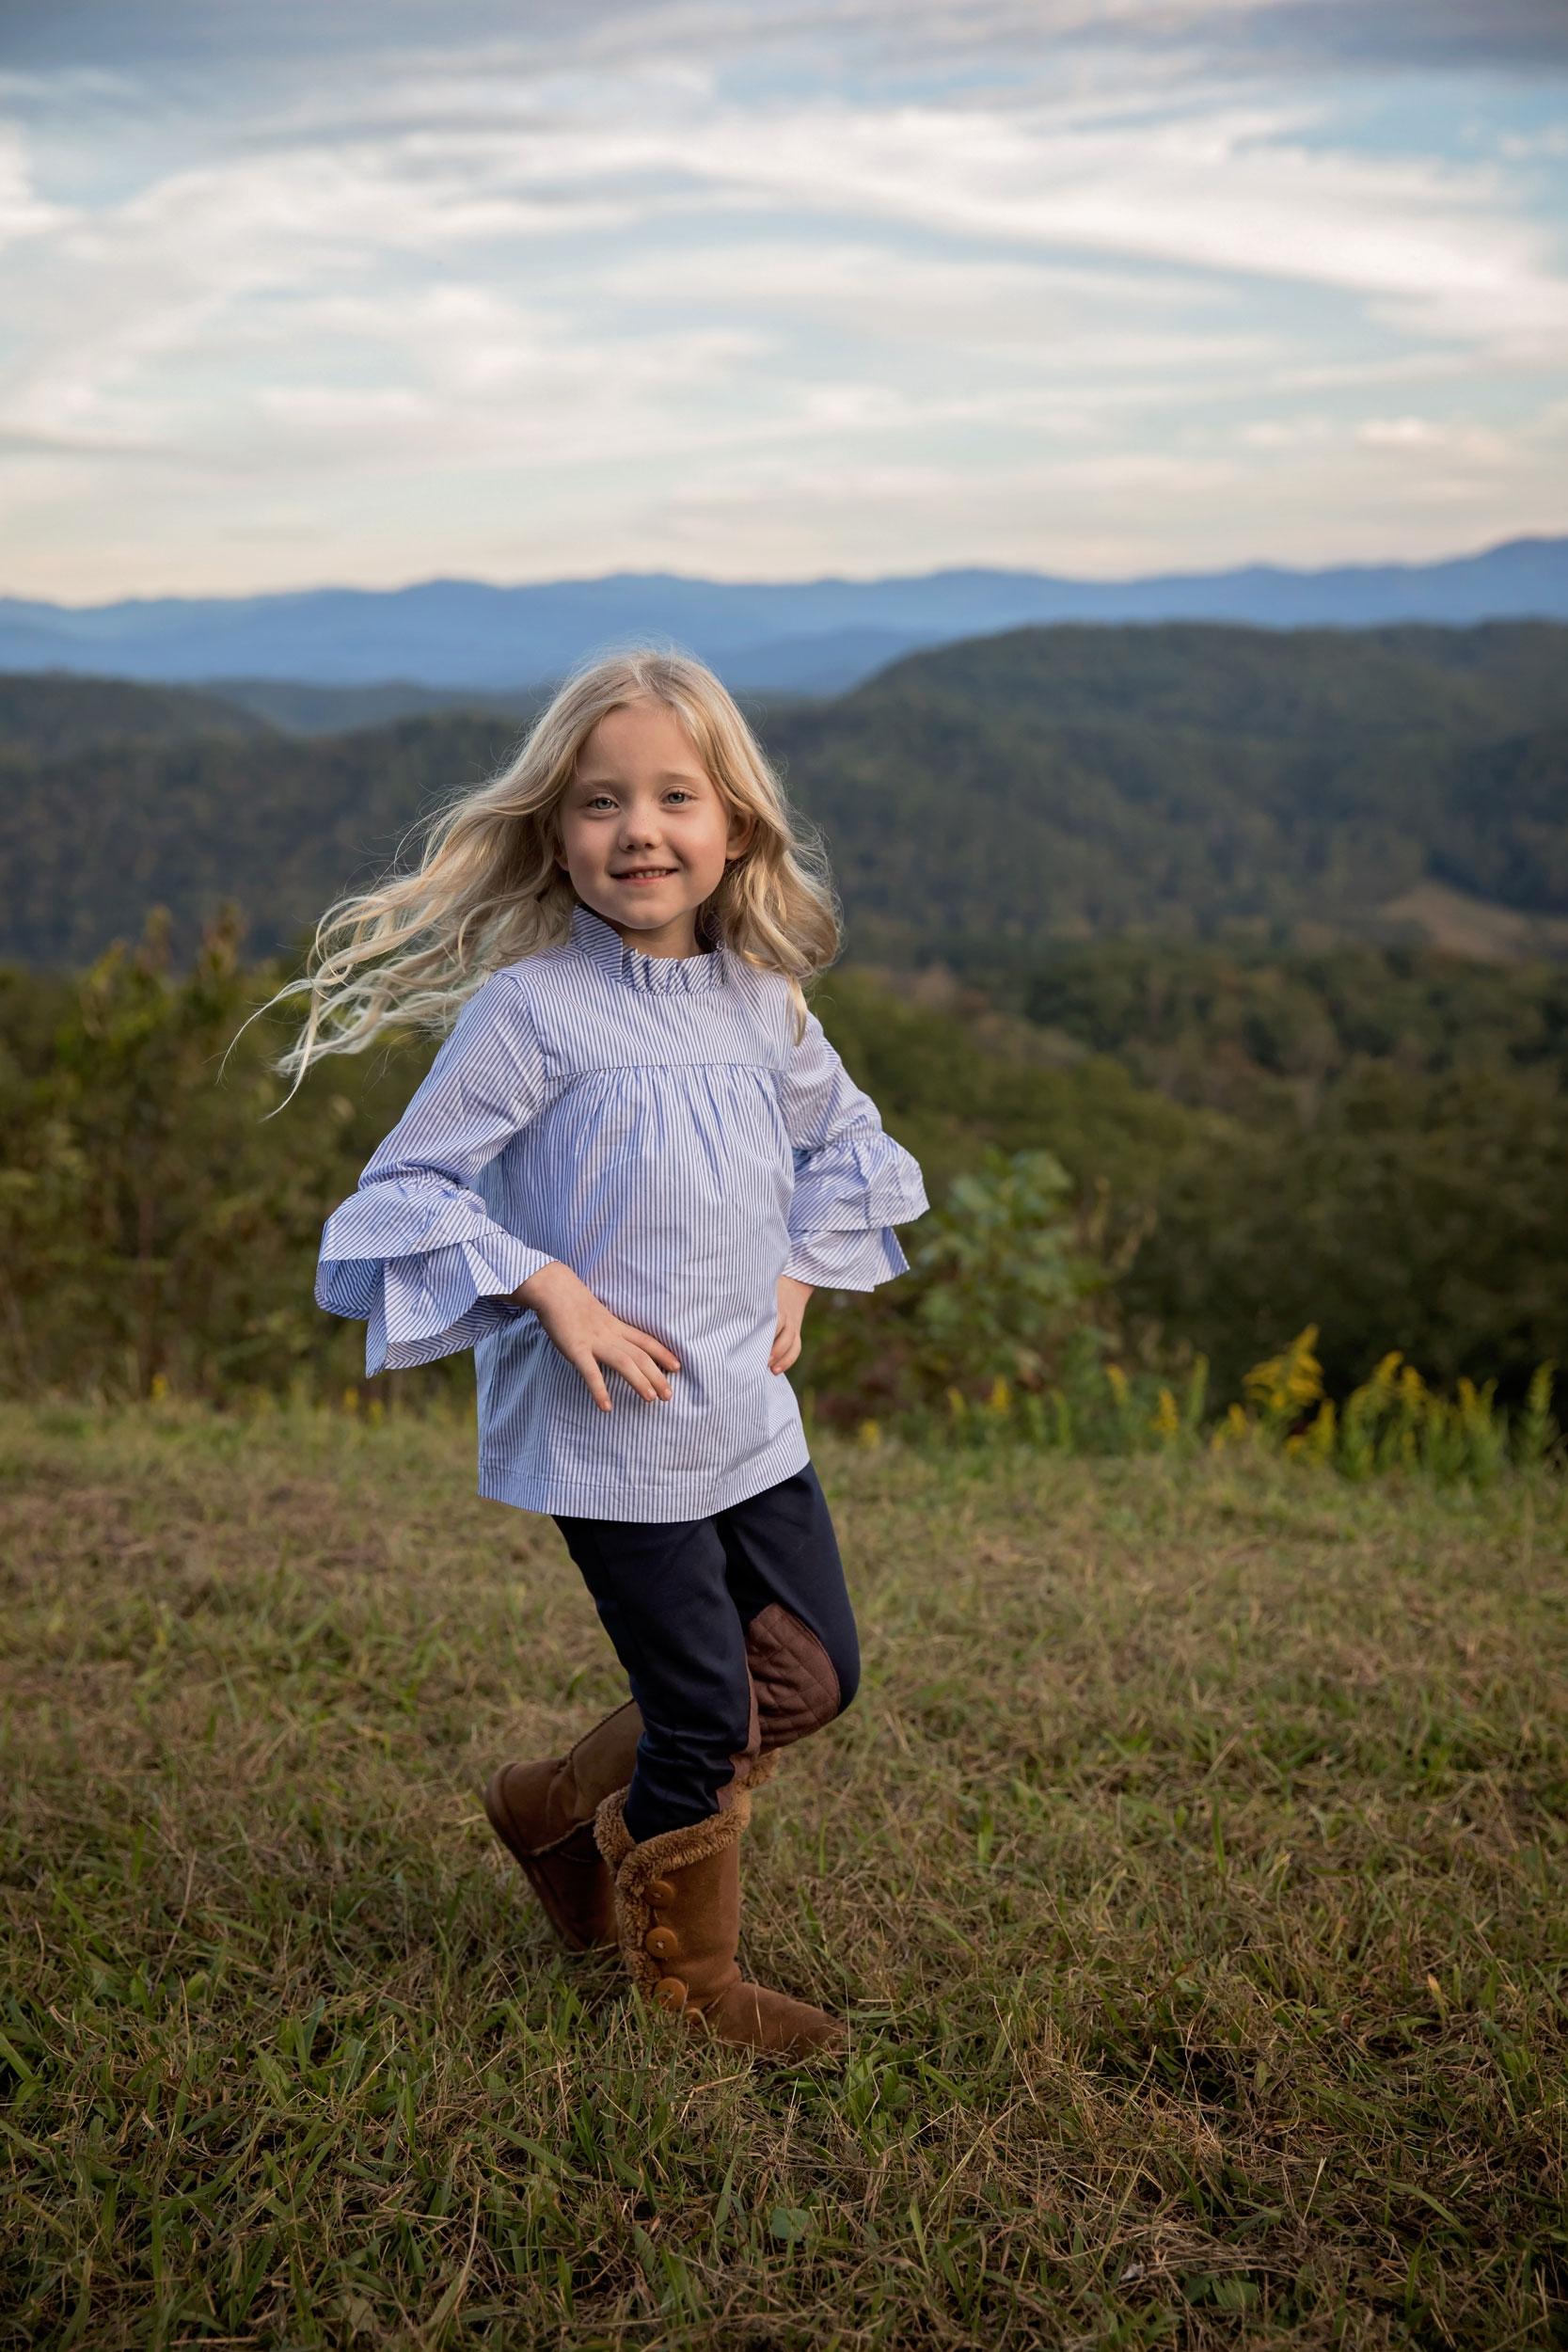 gatlinburg-family-photographer-child-spinning.jpg